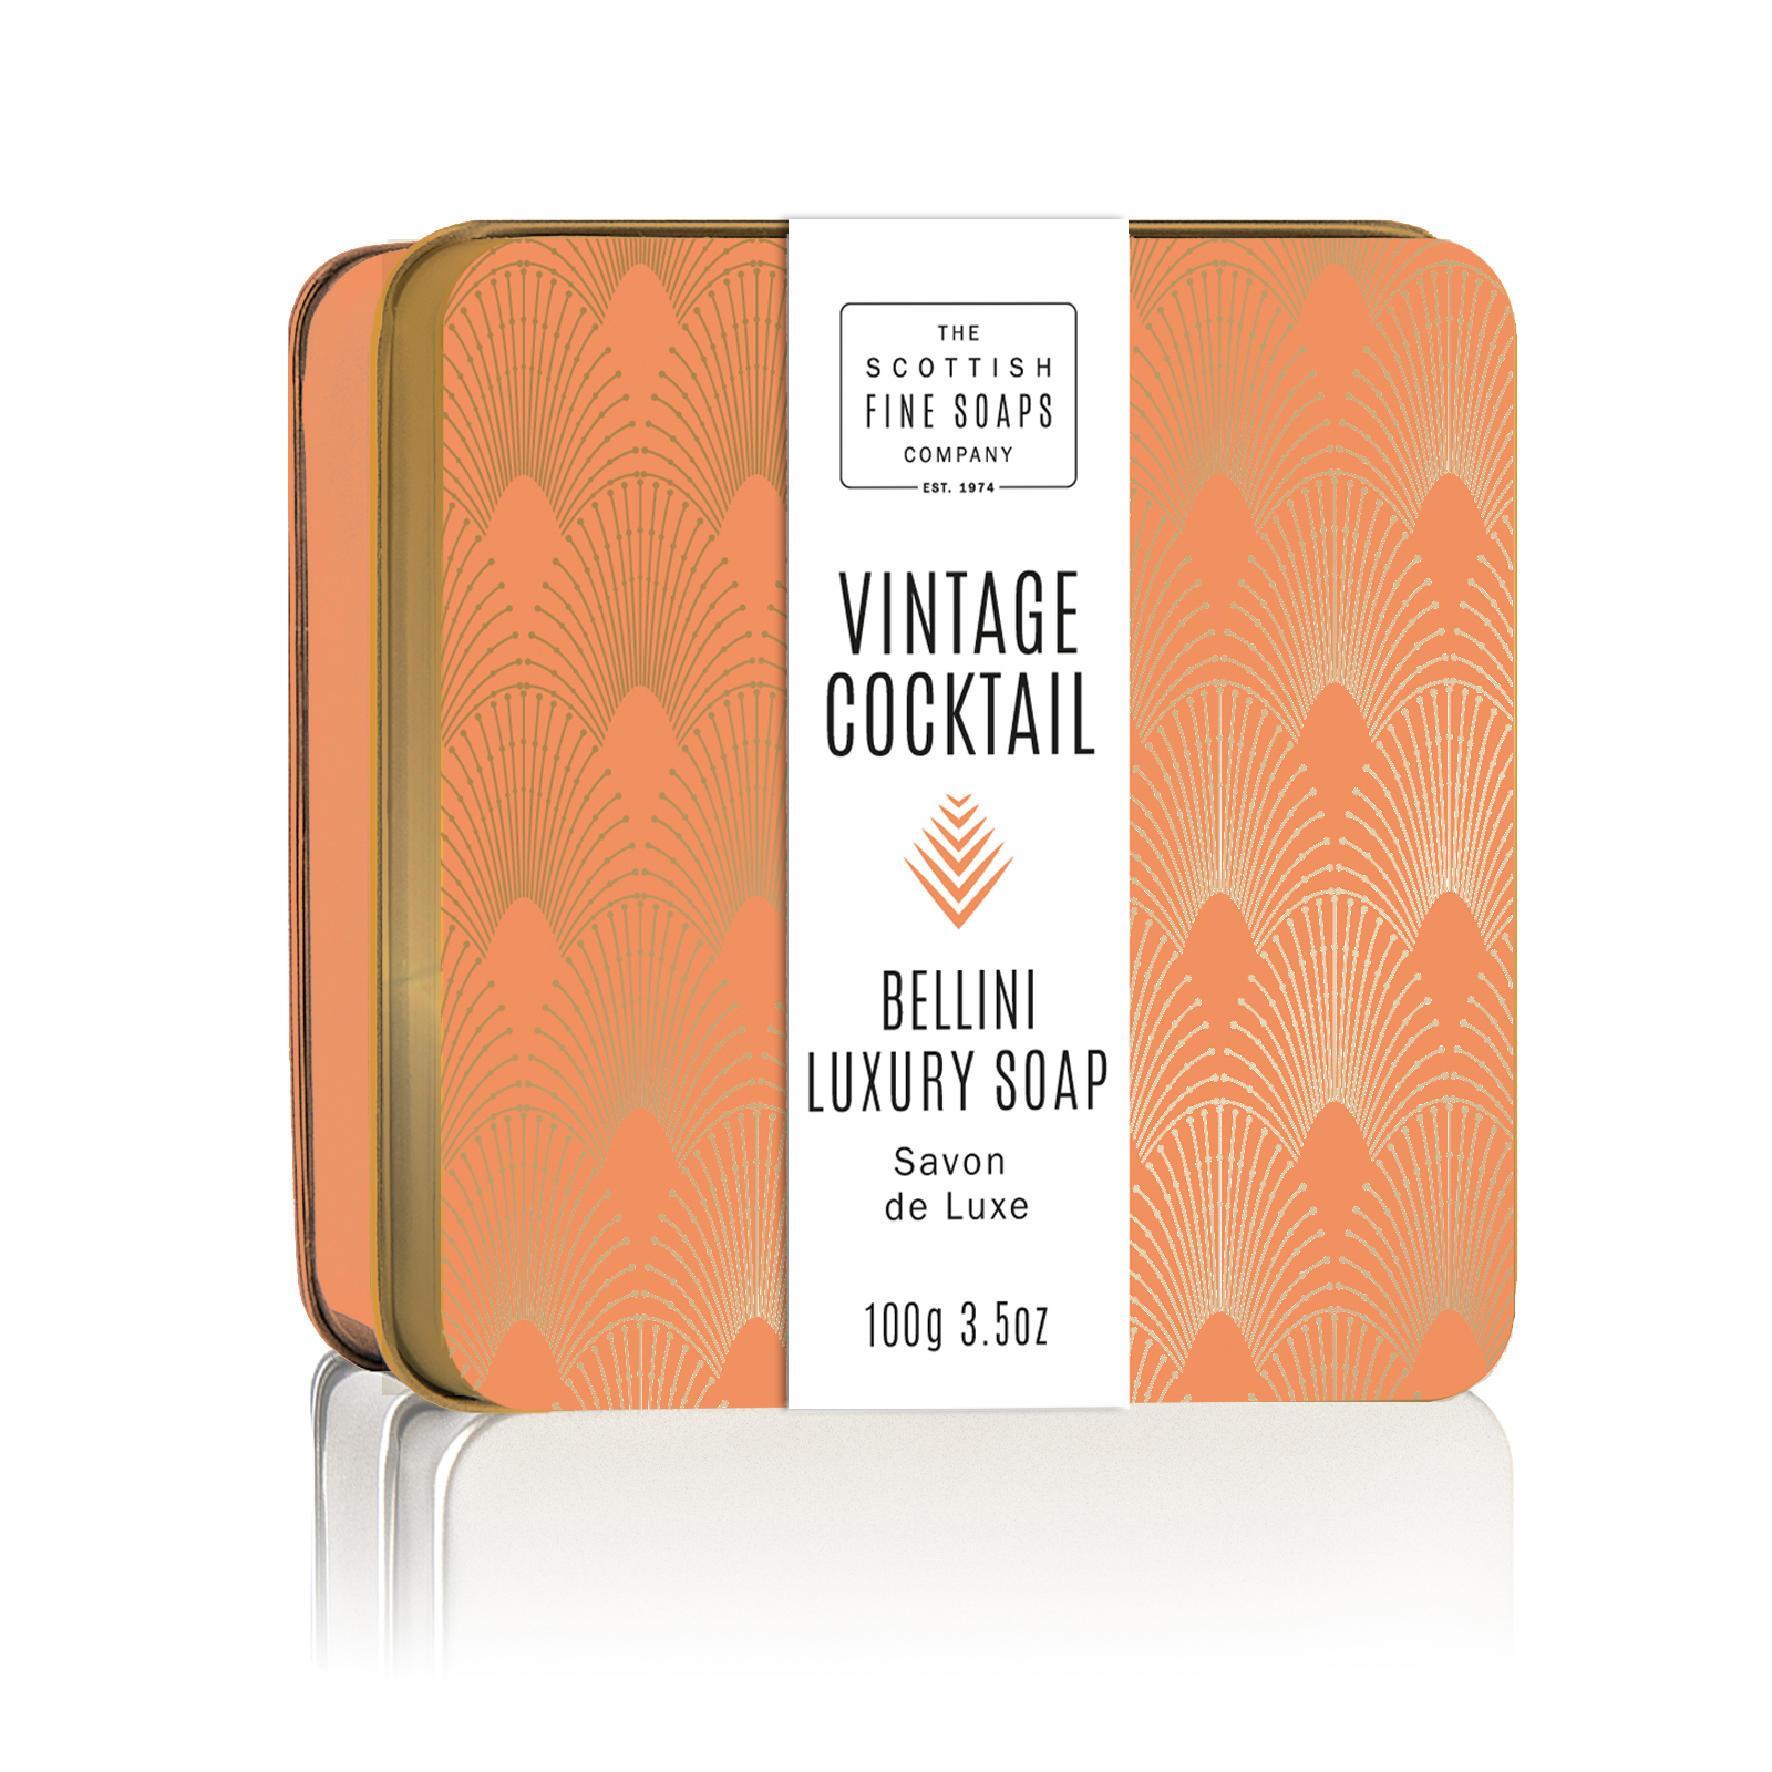 SCOTTISH FINE SOAPS Mýdlo v plechové krabičce Bellini Cocktail, oranžová barva, měděná barva, kov